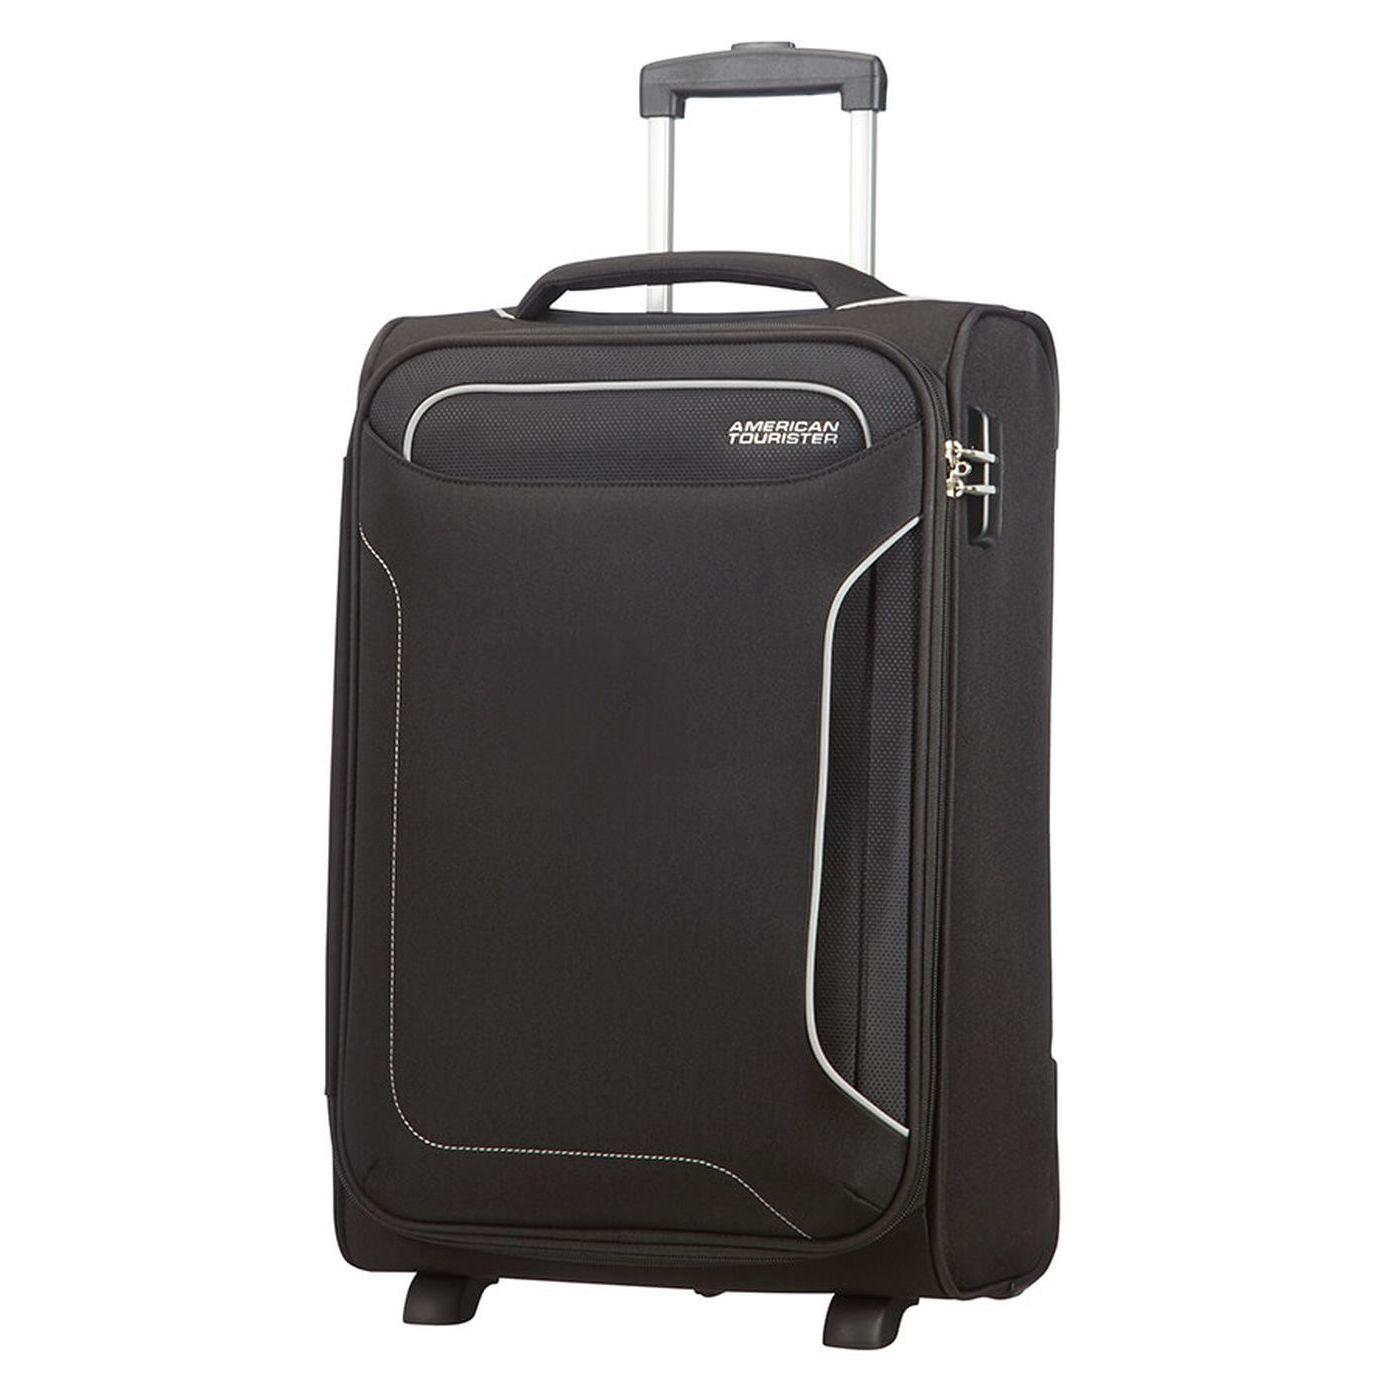 04bad2d25c4cd Cestovný kufor American Tourister Holiday Heat Upright 55 lenght 35 cm  50G*002 zväčšiť obrázok